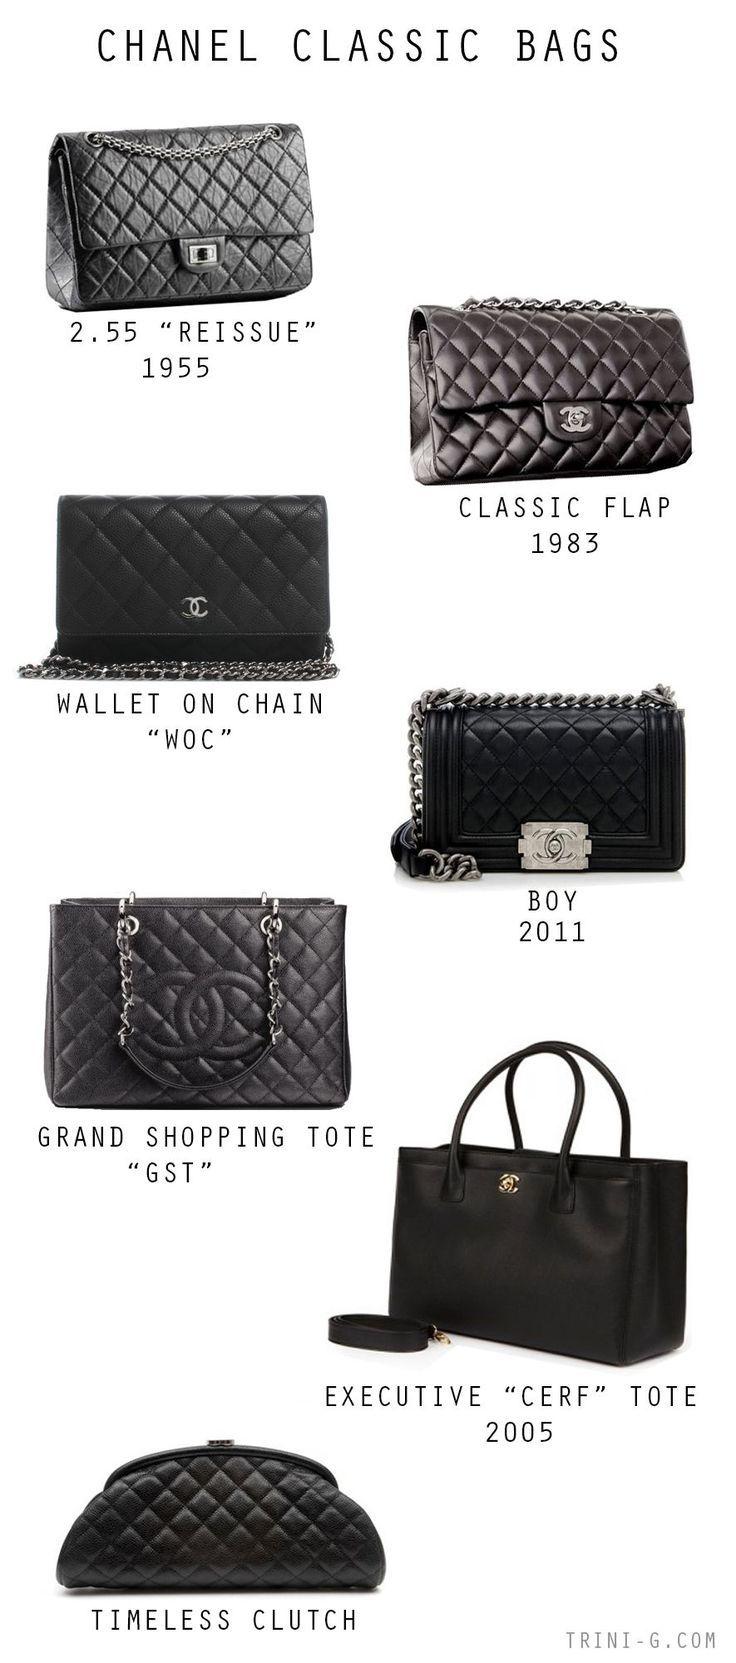 Chanel klassische Taschen